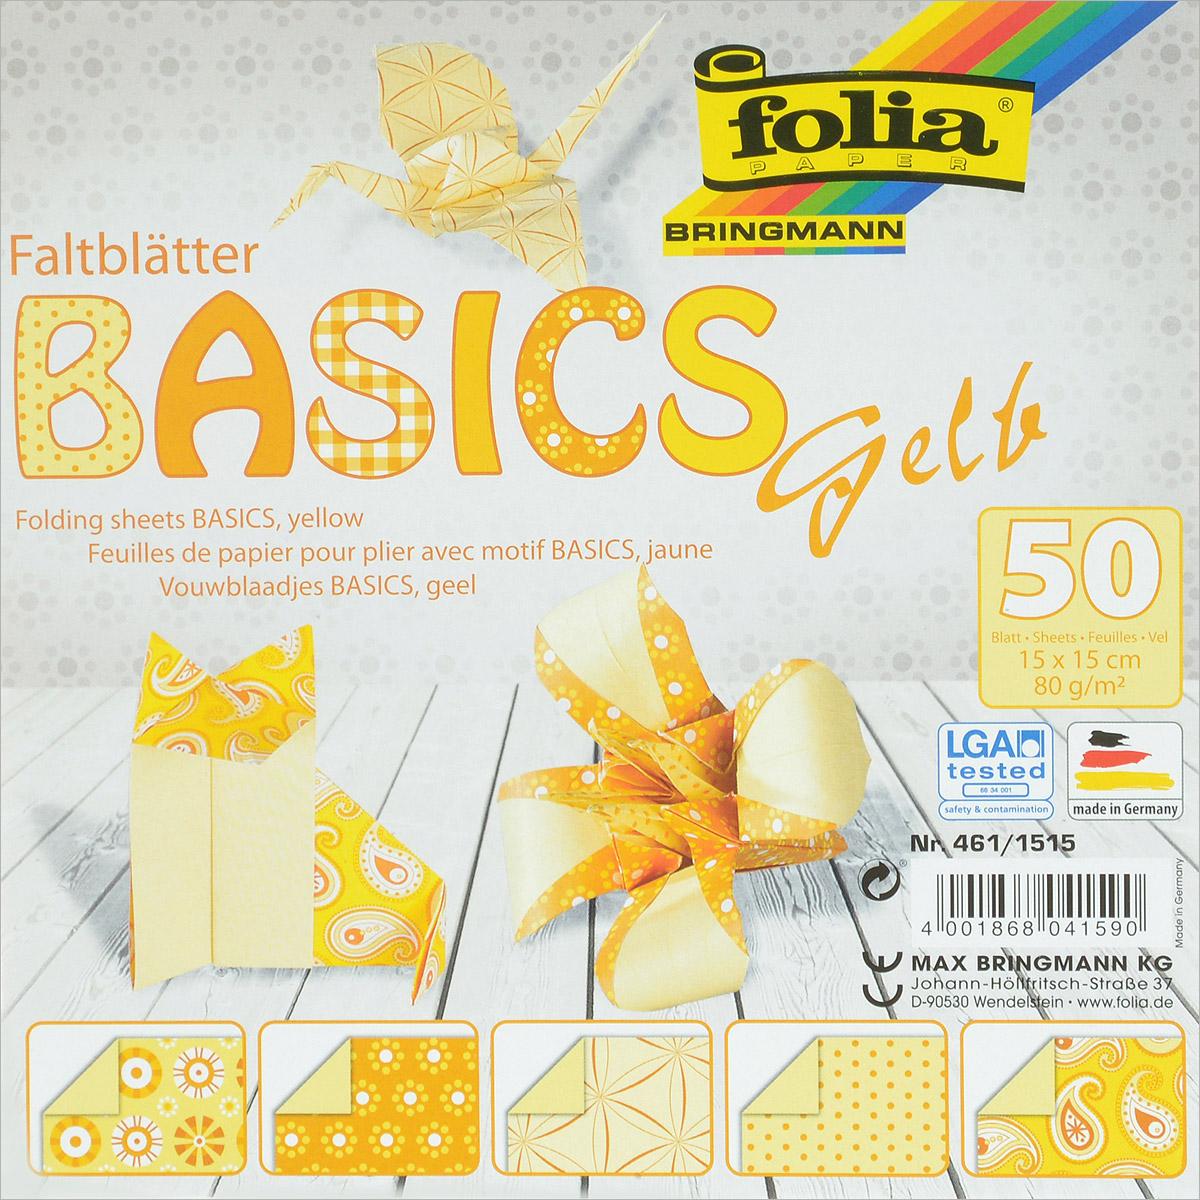 Бумага для оригами Folia, цвет: желтый, 15 х 15 см, 50 листов